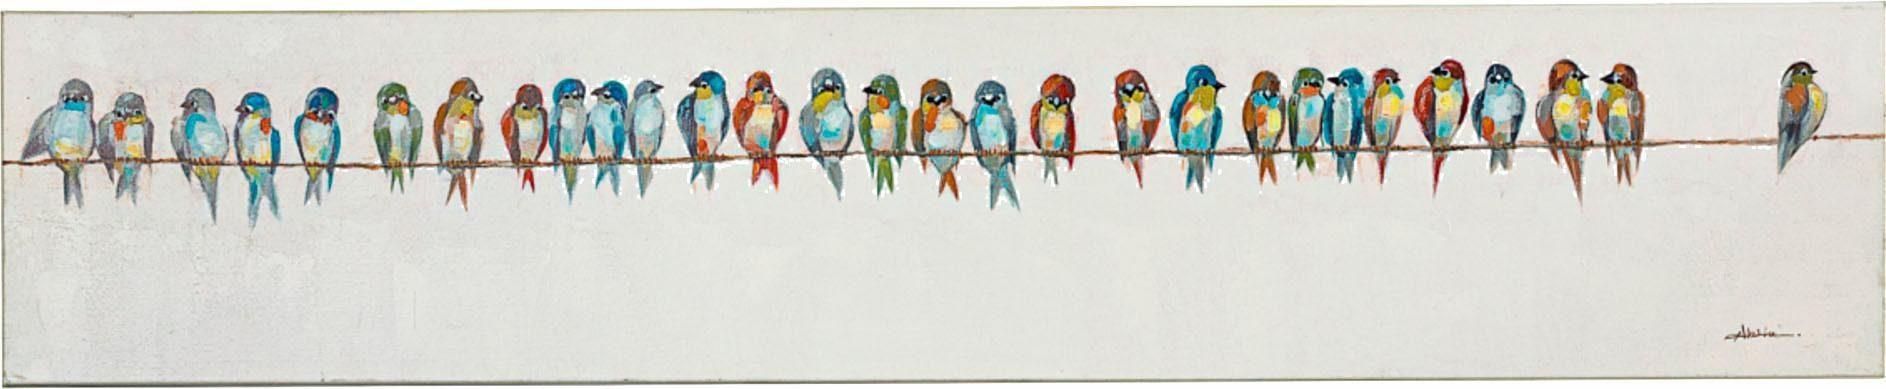 Home affaire Acrylbild auf Leinwand »Birdy«